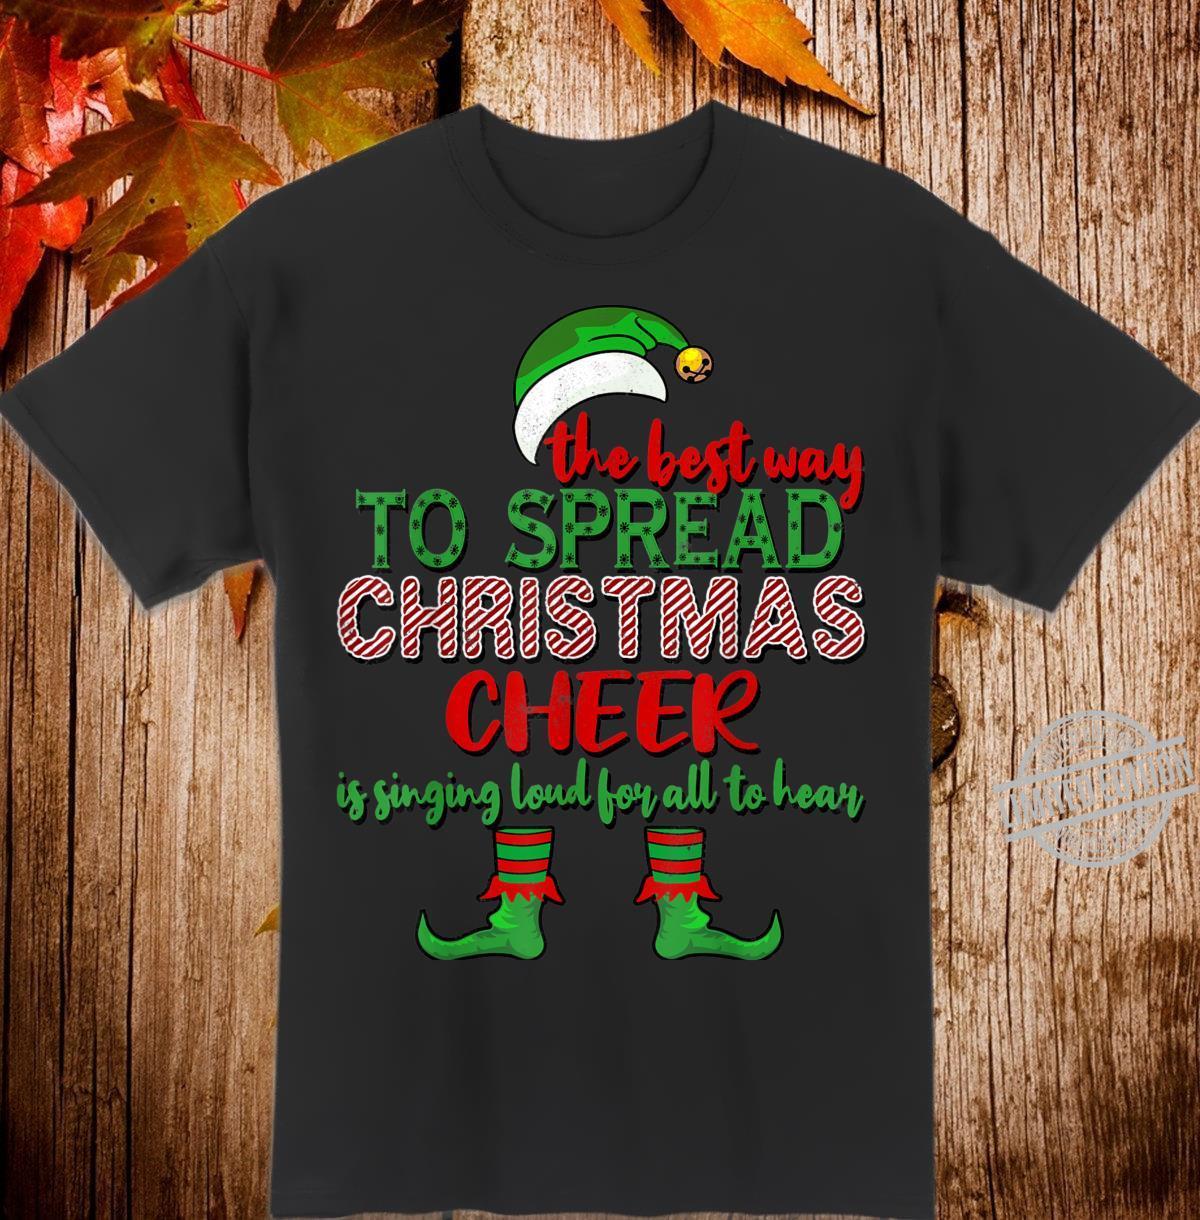 Spread Christmas Cheer Christmas Shirt